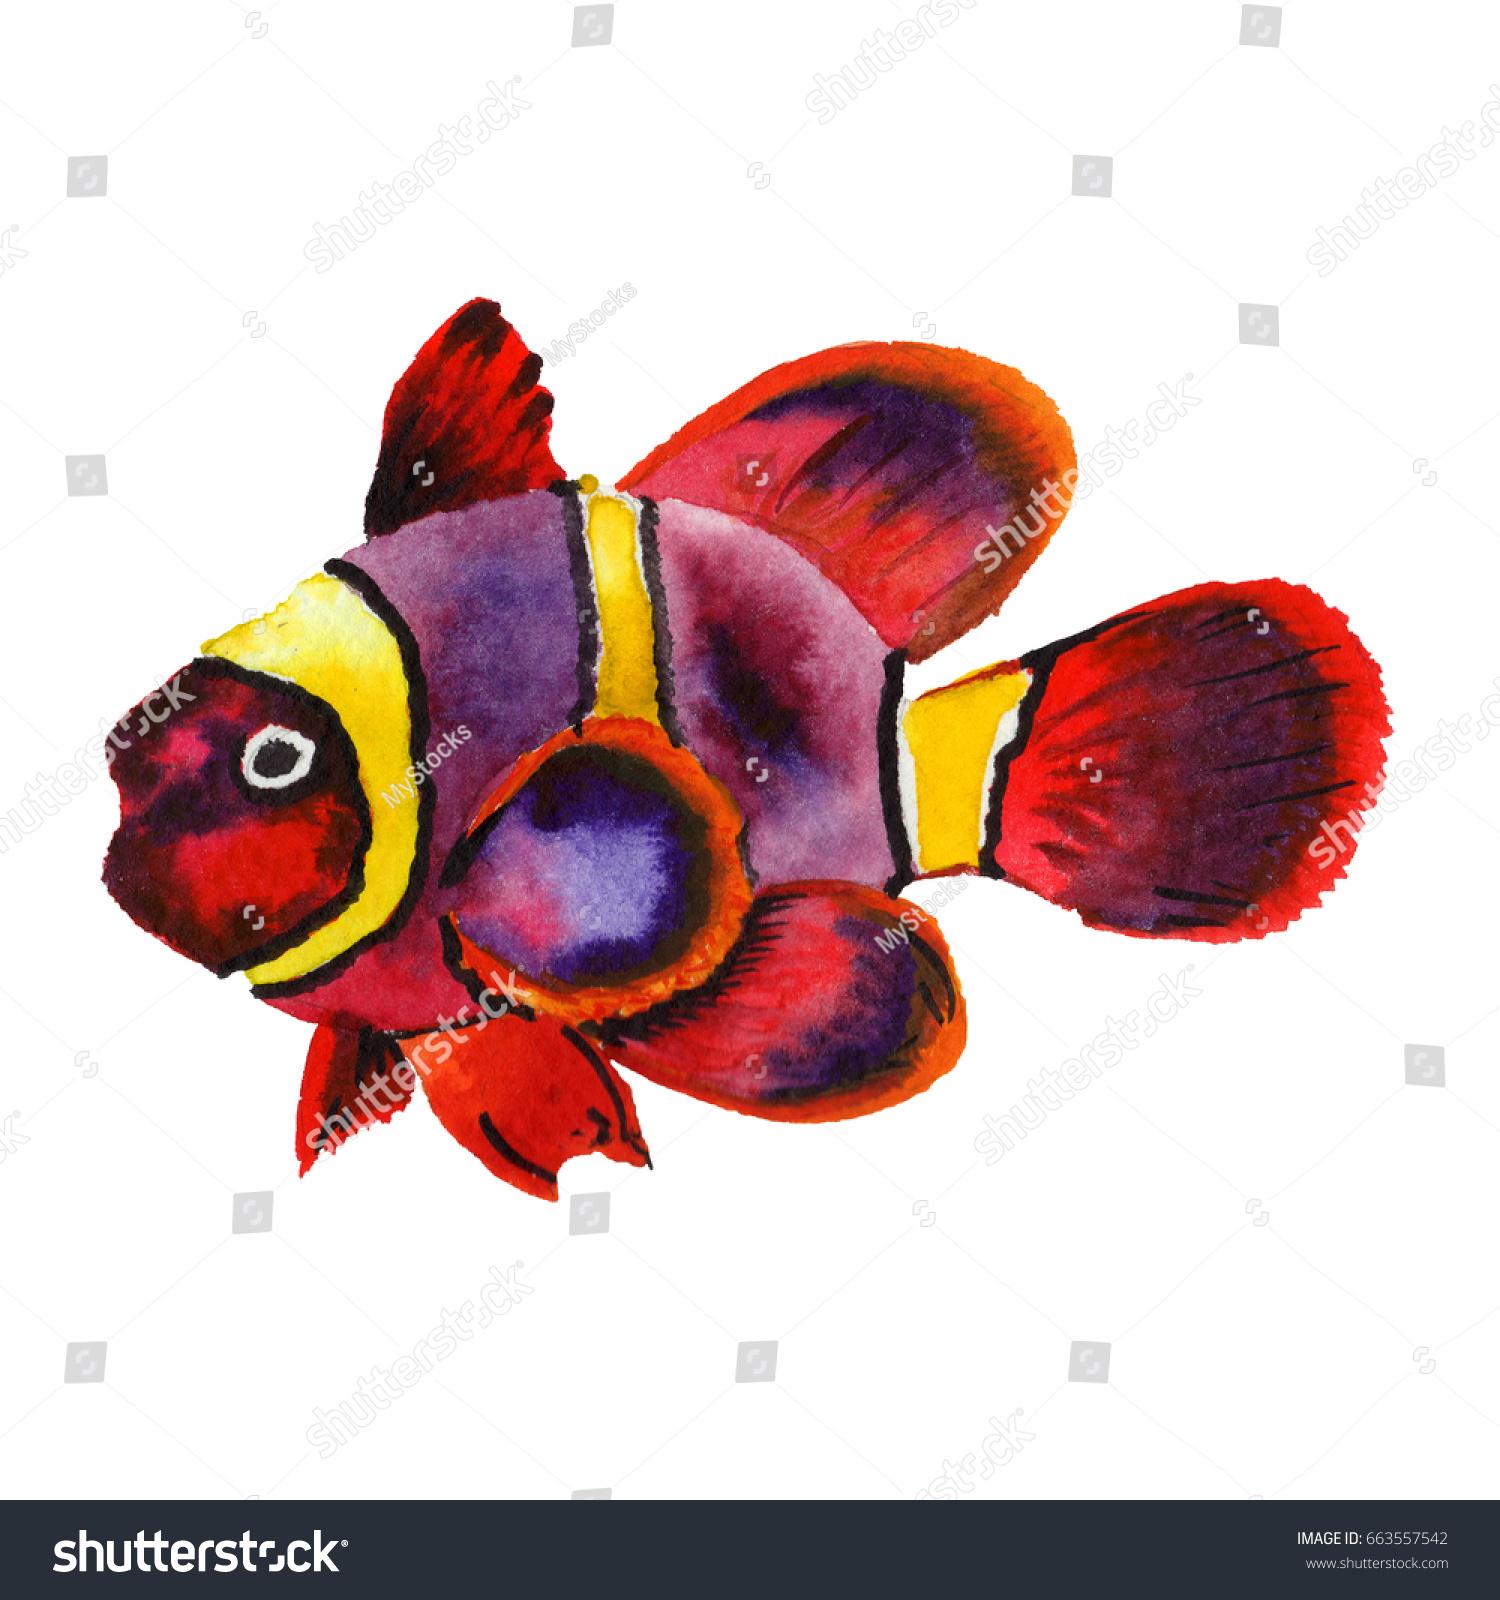 Watercolor Aquatic Underwater Colorful Tropical Fish Stock ...